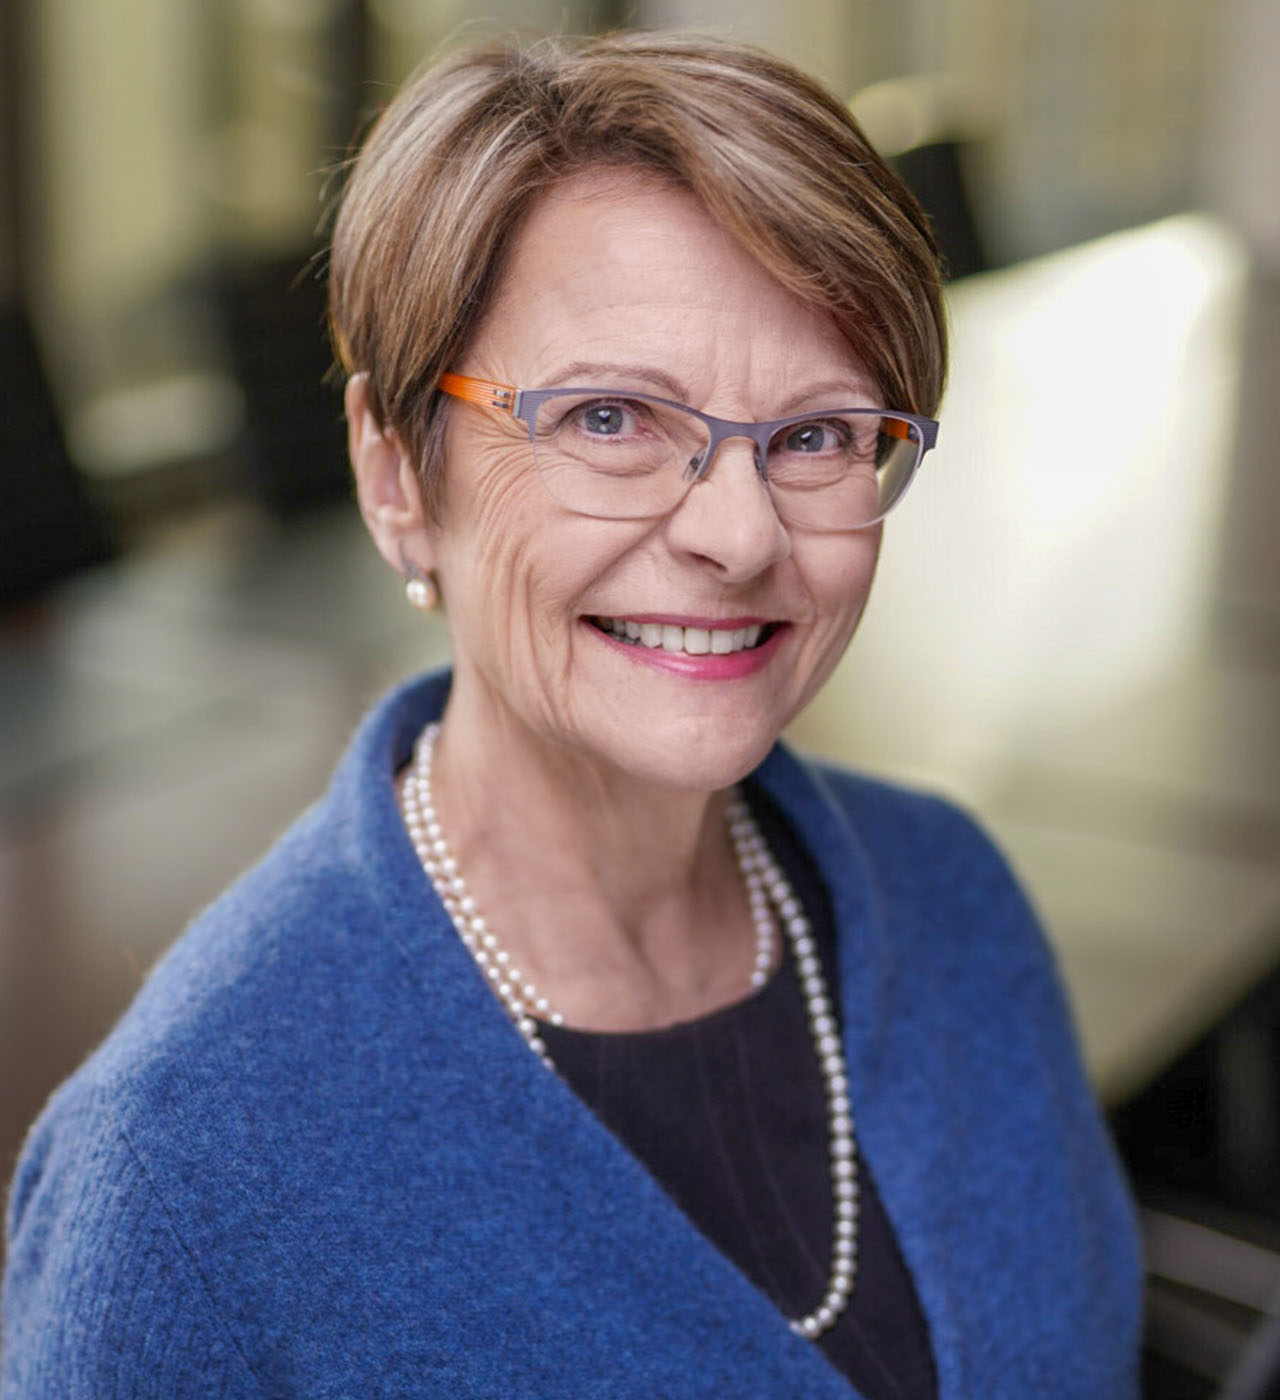 Marie-France E. Menc is a Partner at Kanuka Thuringer LLP